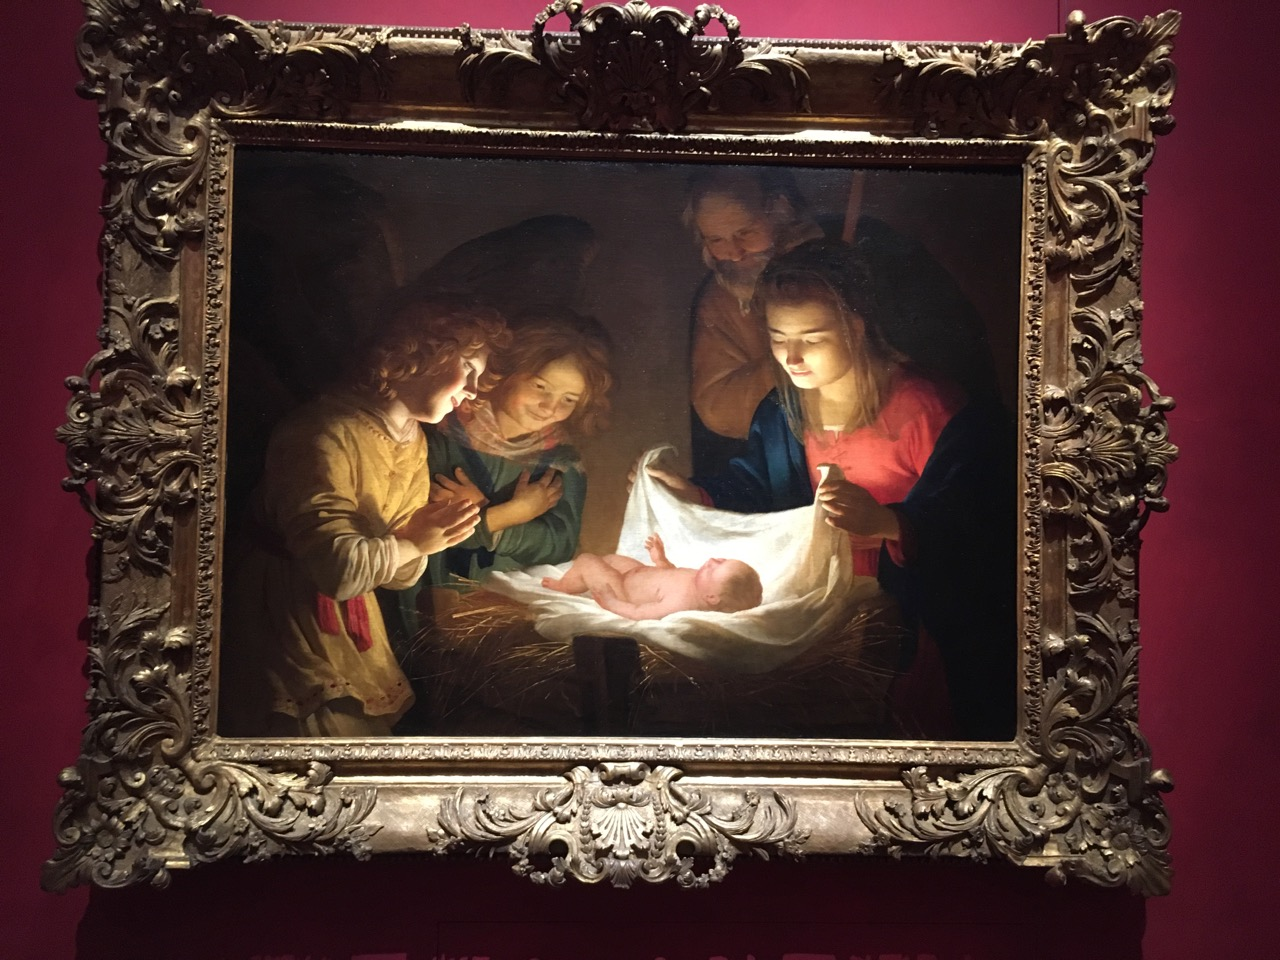 耶稣的诞生给受苦的人带来了希望的光芒,大概是这个意思吧